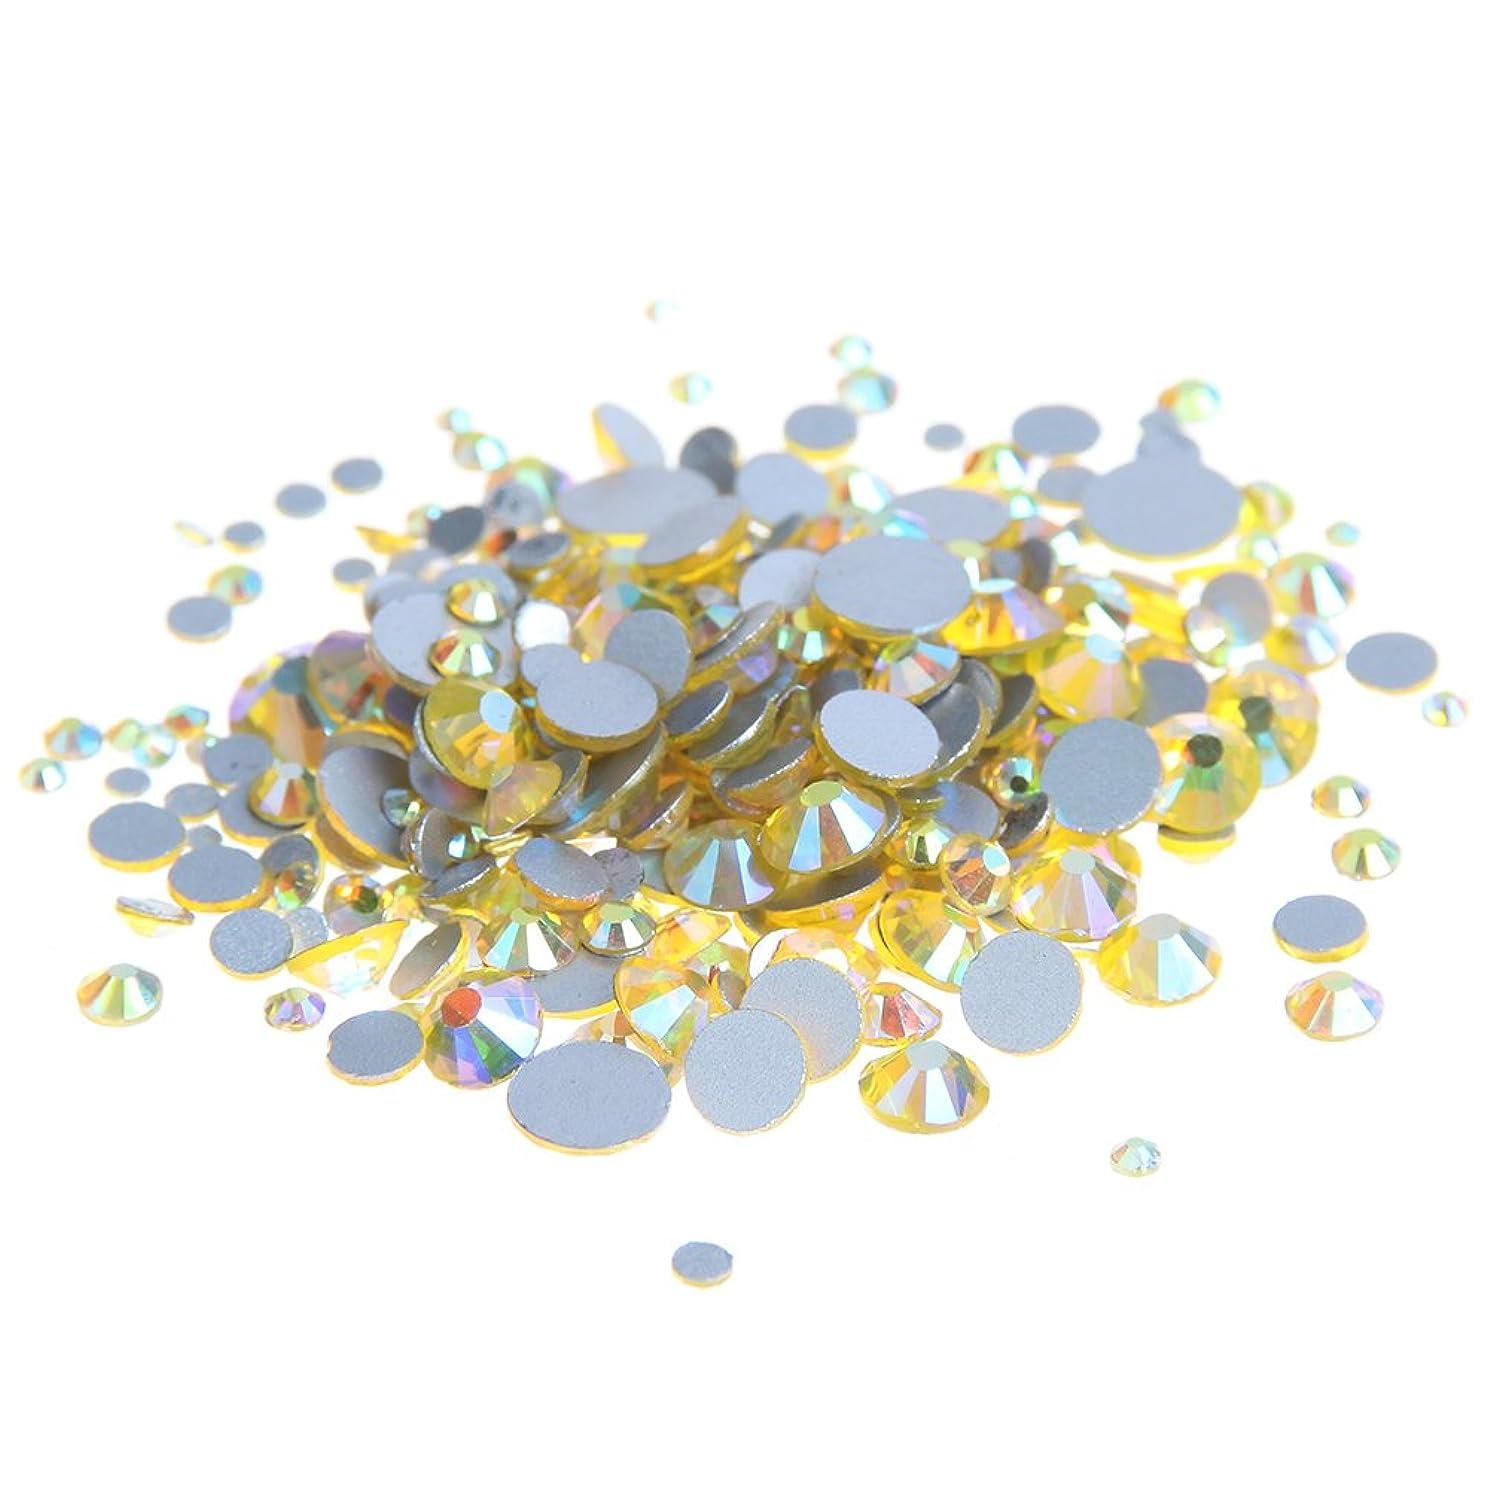 絶滅した世界的に自動Nizi ジュエリー ブランド シトリンオーロラ ラインストーン は ガラスの材質 ネイル使用 型番ss3-ss30 (混合サイズ 1000pcs)